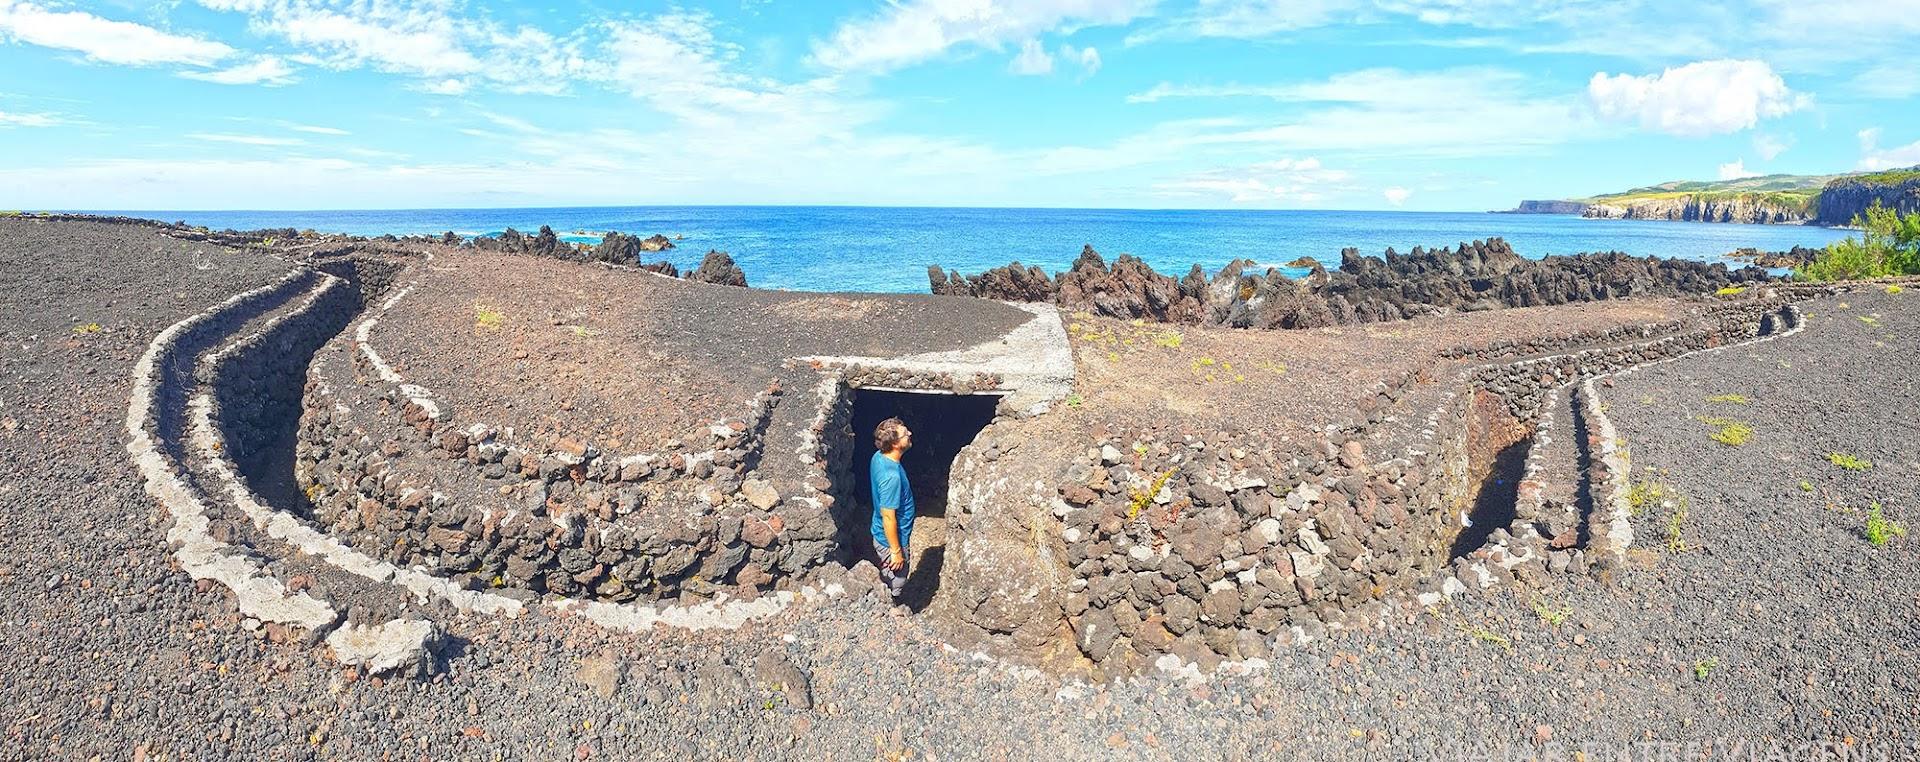 Conhecer as trincheiras da ilha Terceira